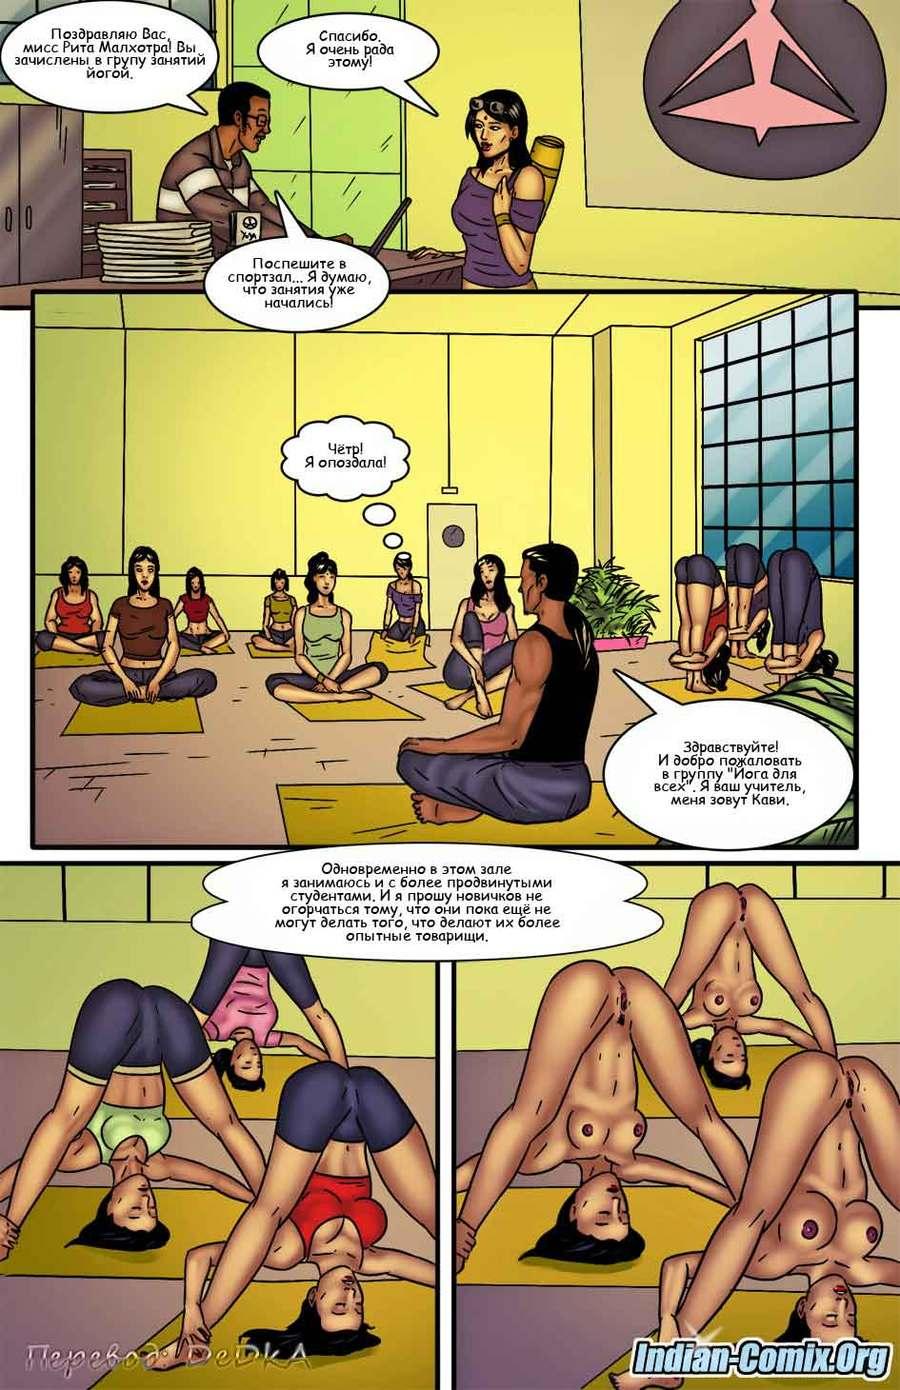 indian-comix.org__mr11_ru_007